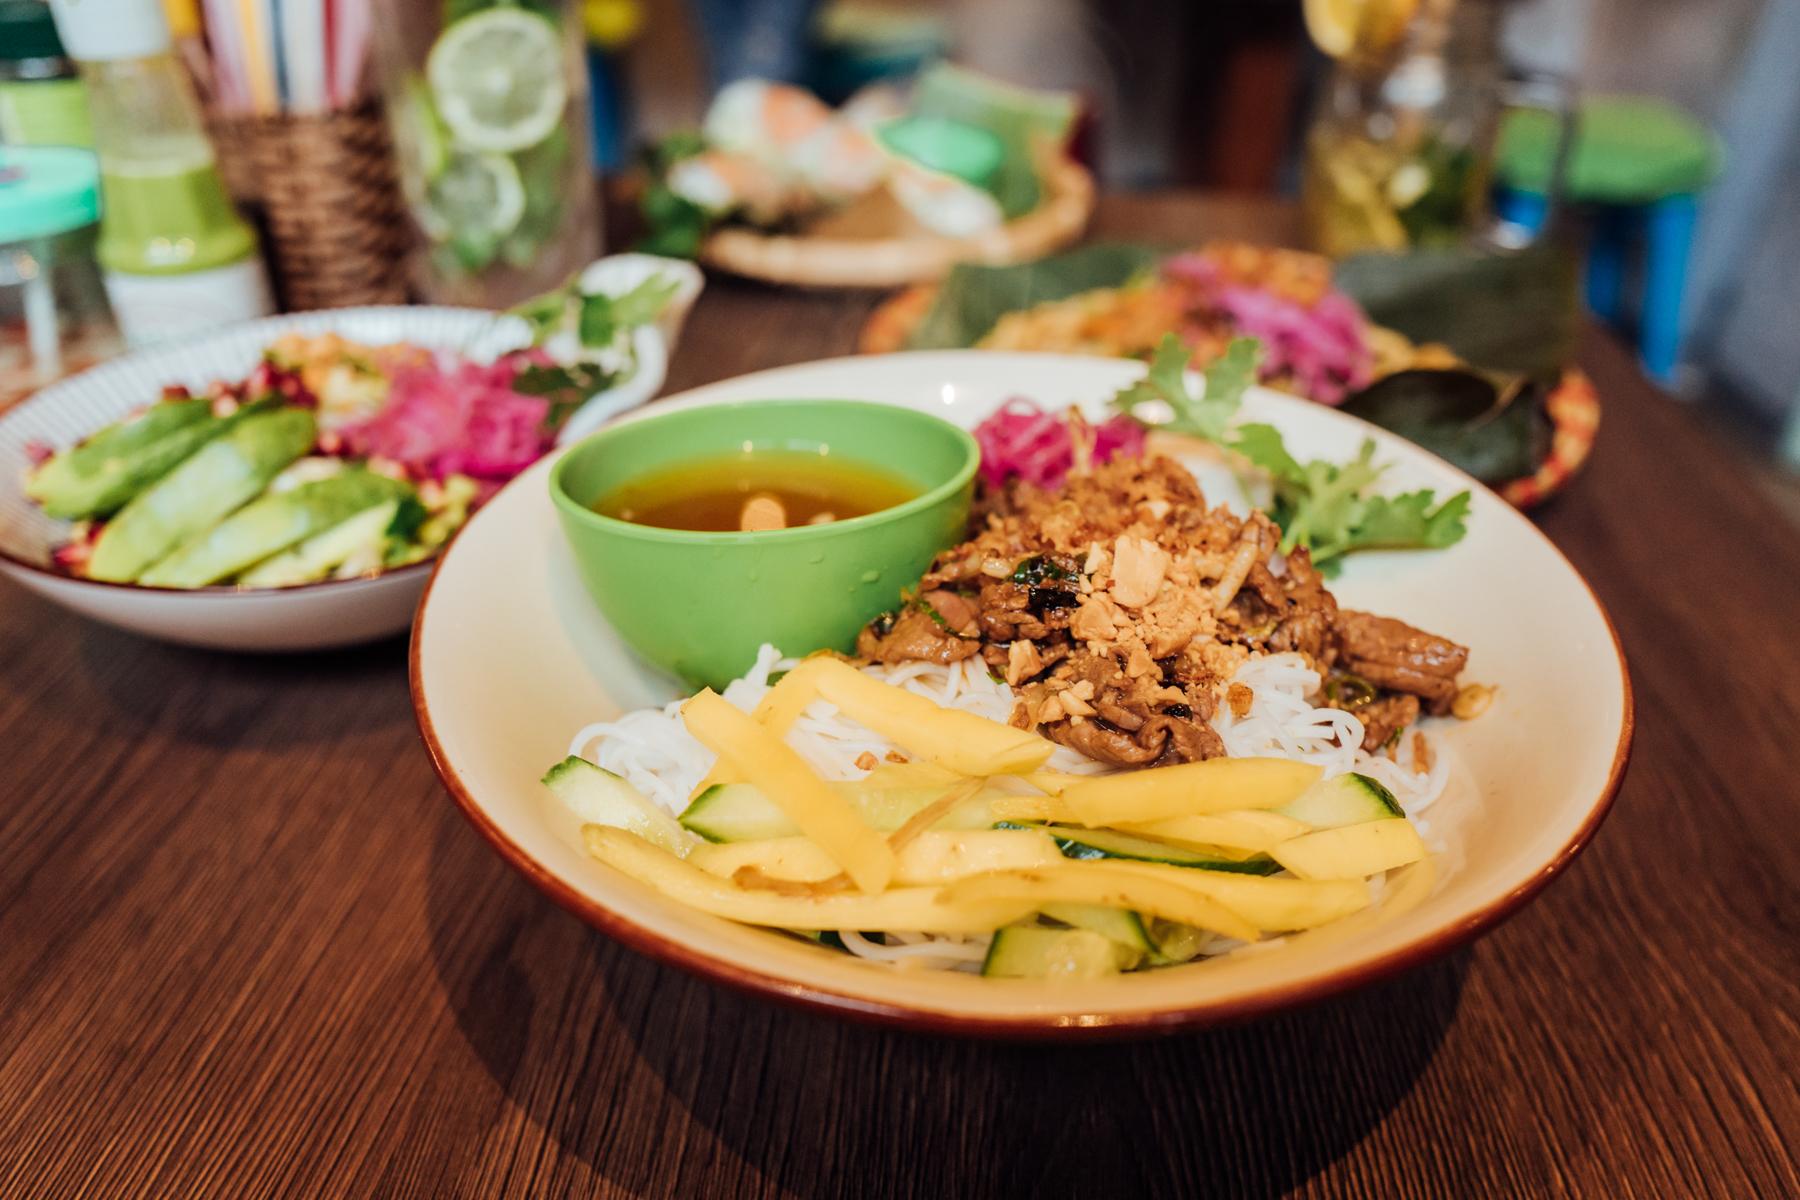 geheimtipp Hamburg St Georg Essen & Trinken Restaurant Pho & Rice Lisa Knauer 3